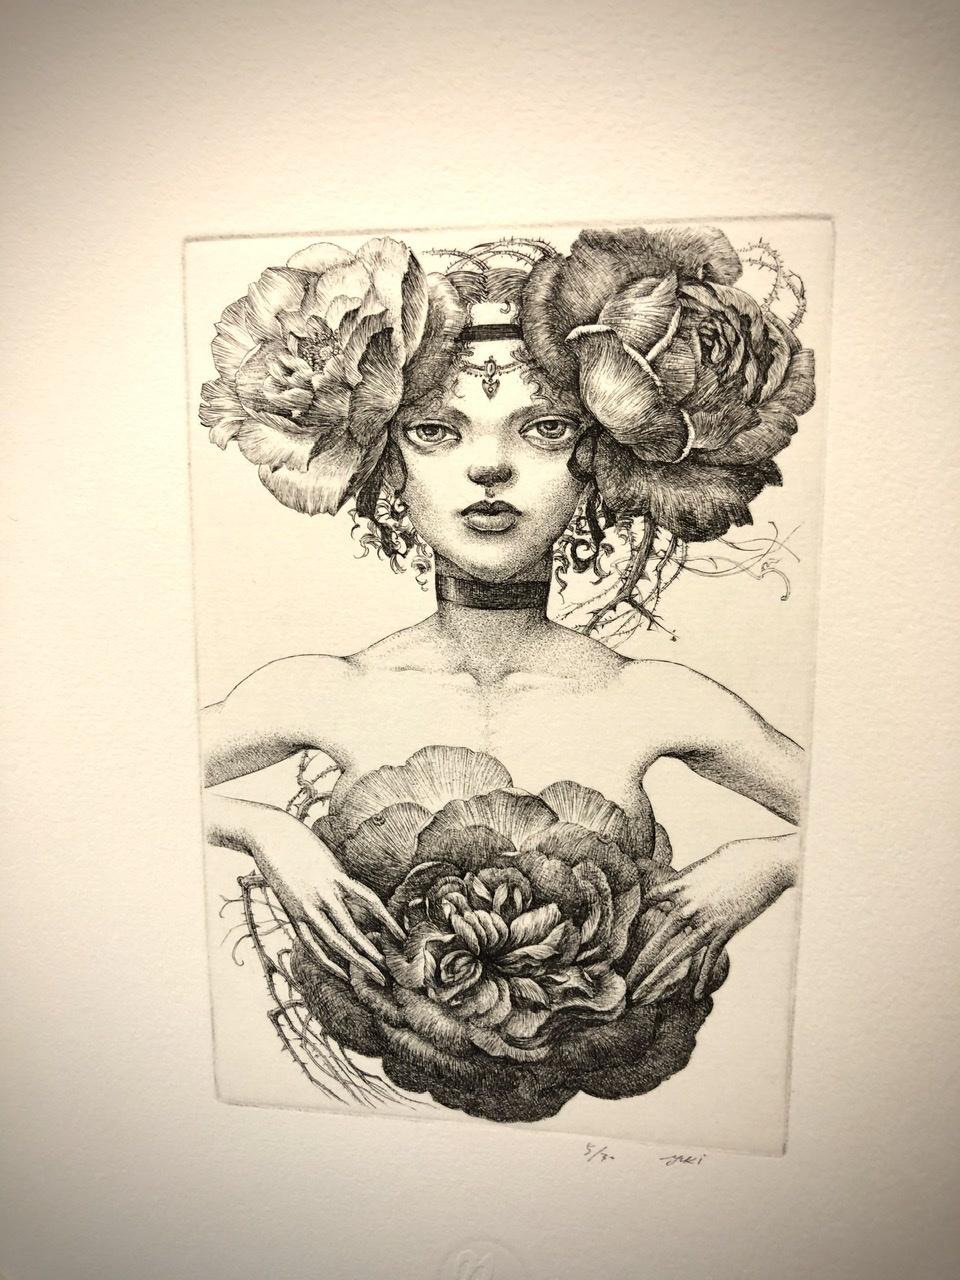 人魚楼日記 薔薇の麗人が到着 林由紀子さんの銅版画 夜明けに開く薔薇_e0016517_15232819.jpeg